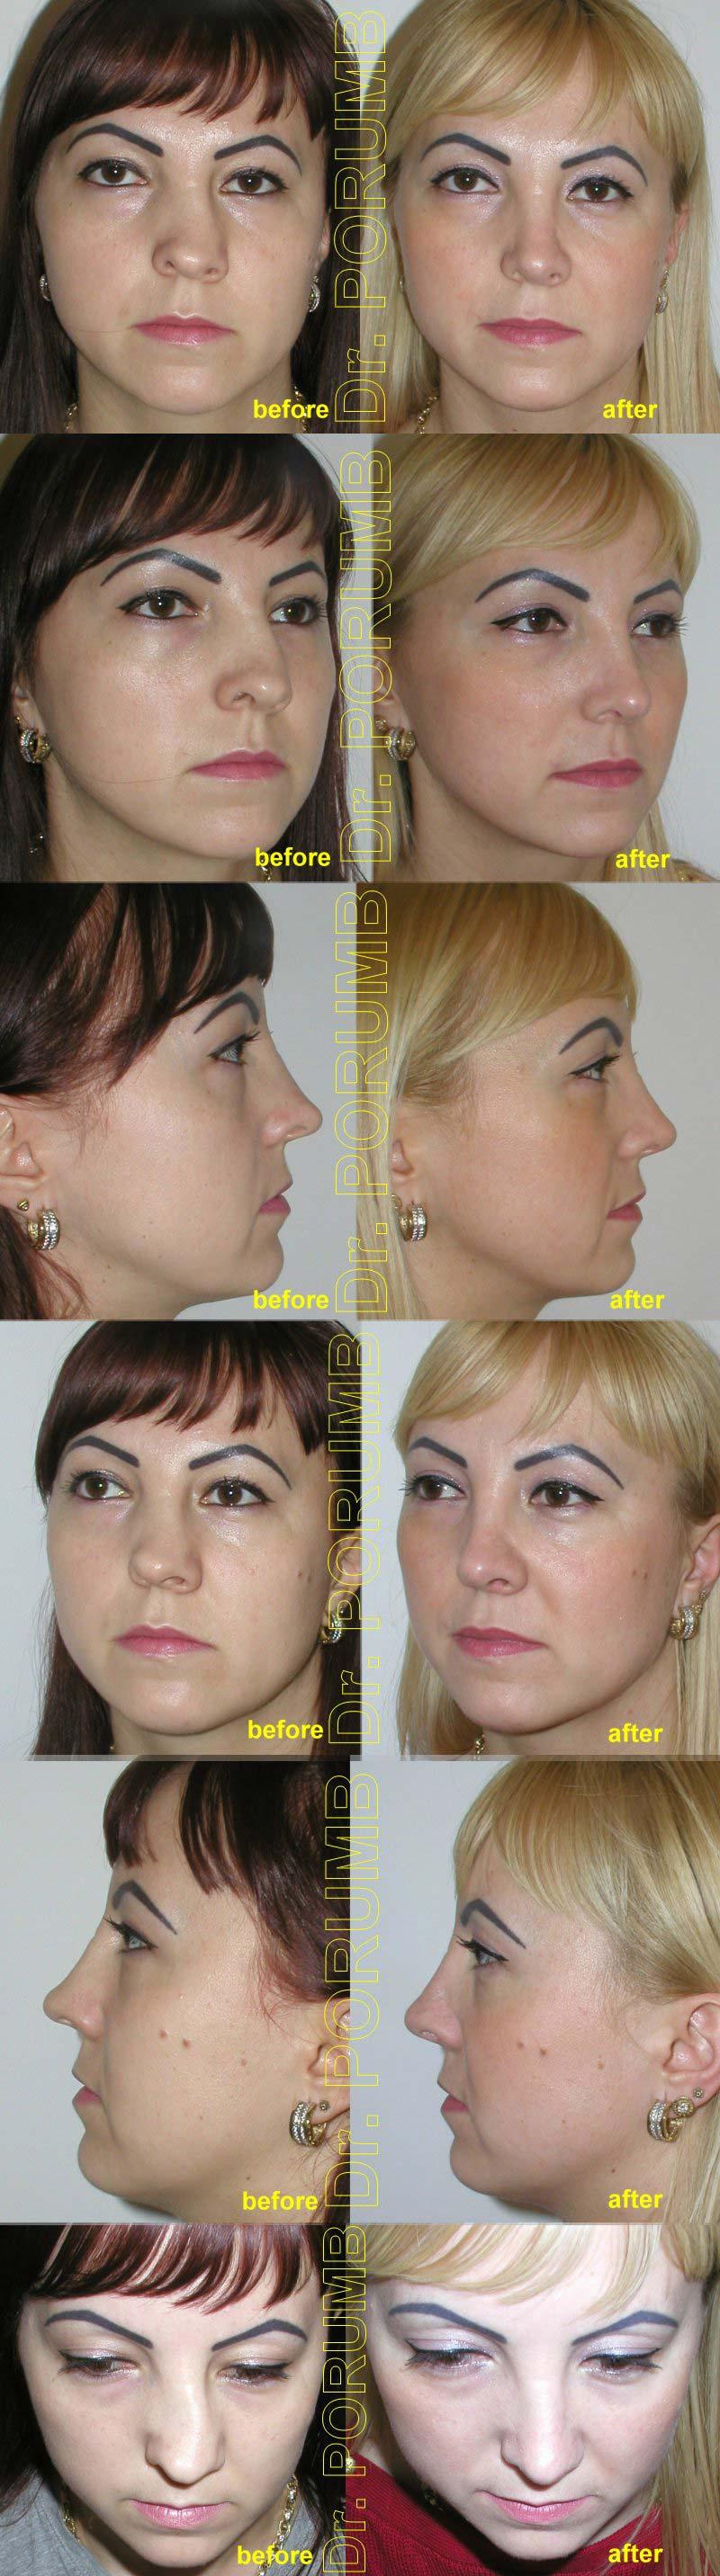 Pacienta de 29 ani, nemultumita de deviatia majora a nasului, de deviatia de sept si imposibilitatea respiratiei pe nas, doreste sa apeleze la chirurgie estetica de rinoplastie (operatie estetica nas), cu corectia deviatiei de sept si deviatiei de nas, modelare nas, subtierea nasului si indreptarea nasului